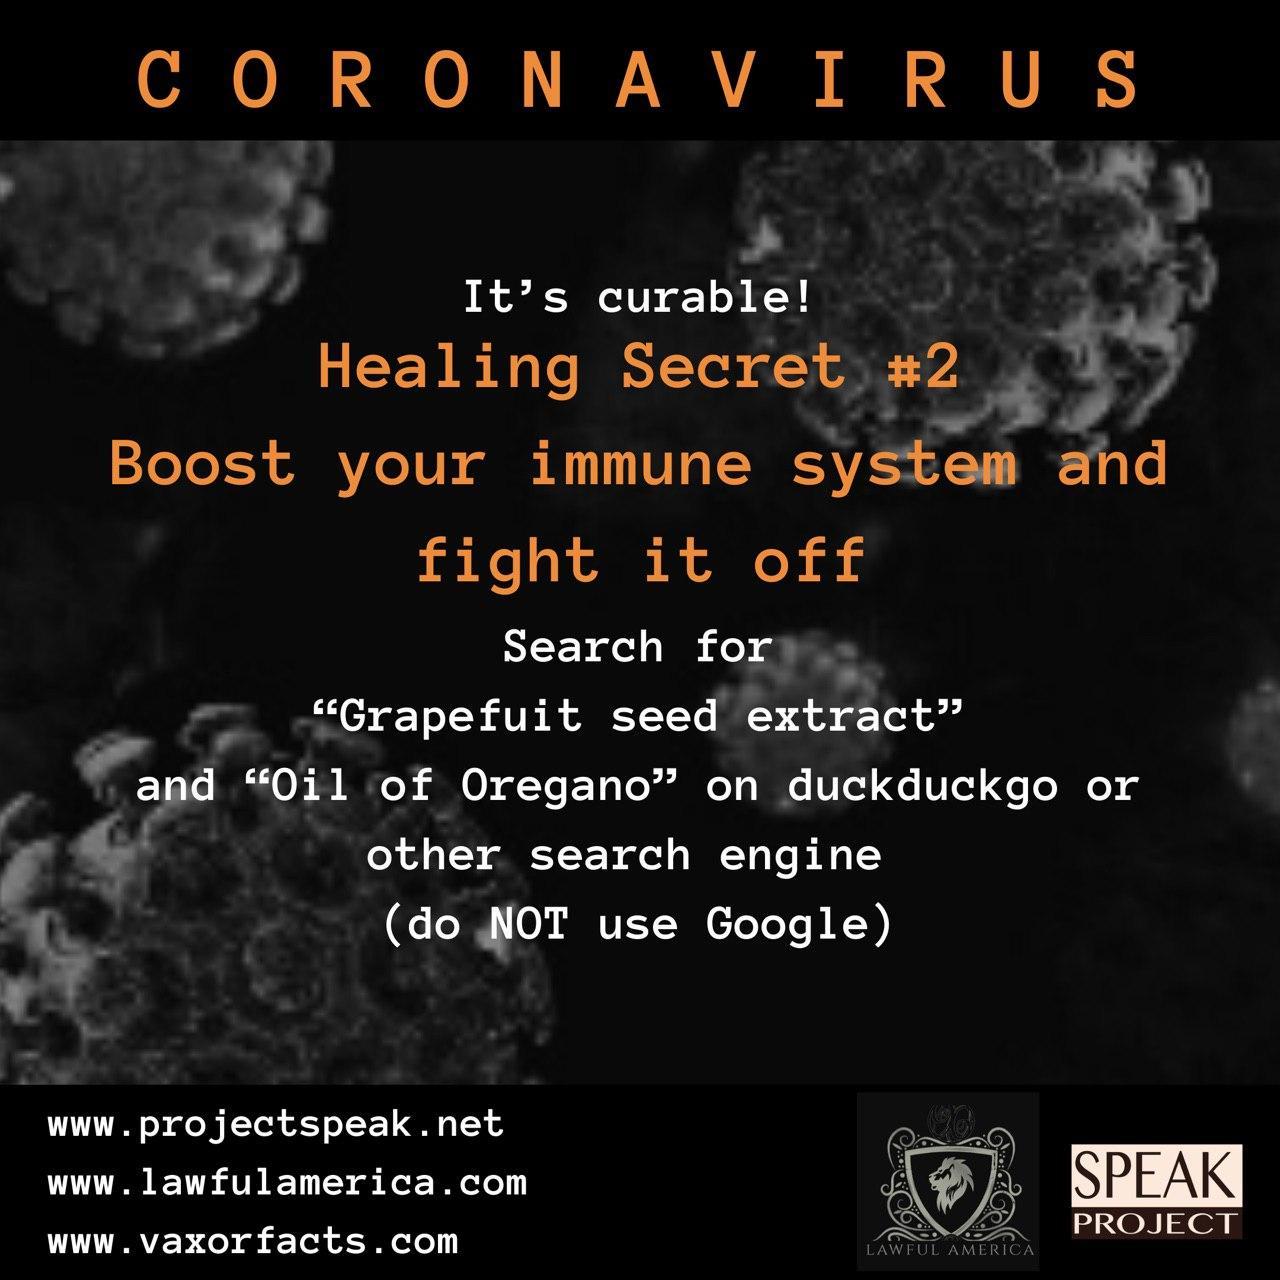 Coronavirus - Healing Secret #2